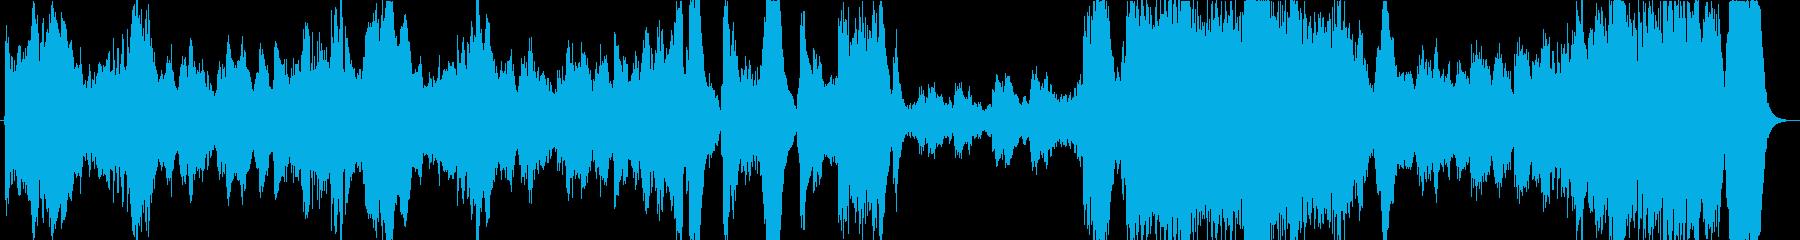 心躍る疾走感のストリングスサウンドの再生済みの波形